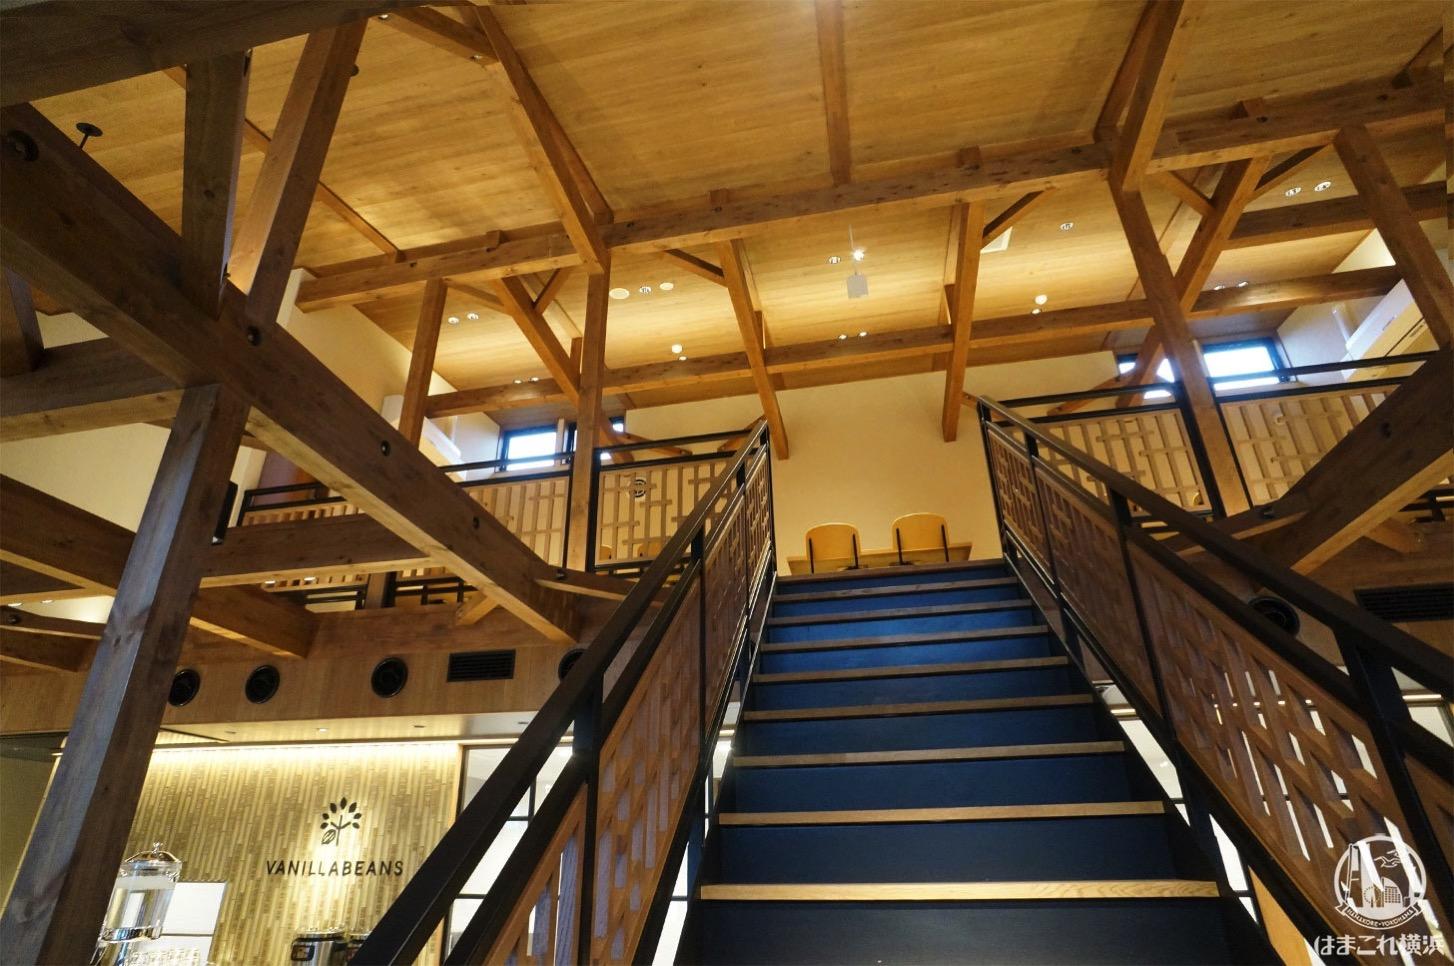 バニラビーンズ 鎌倉店 階段